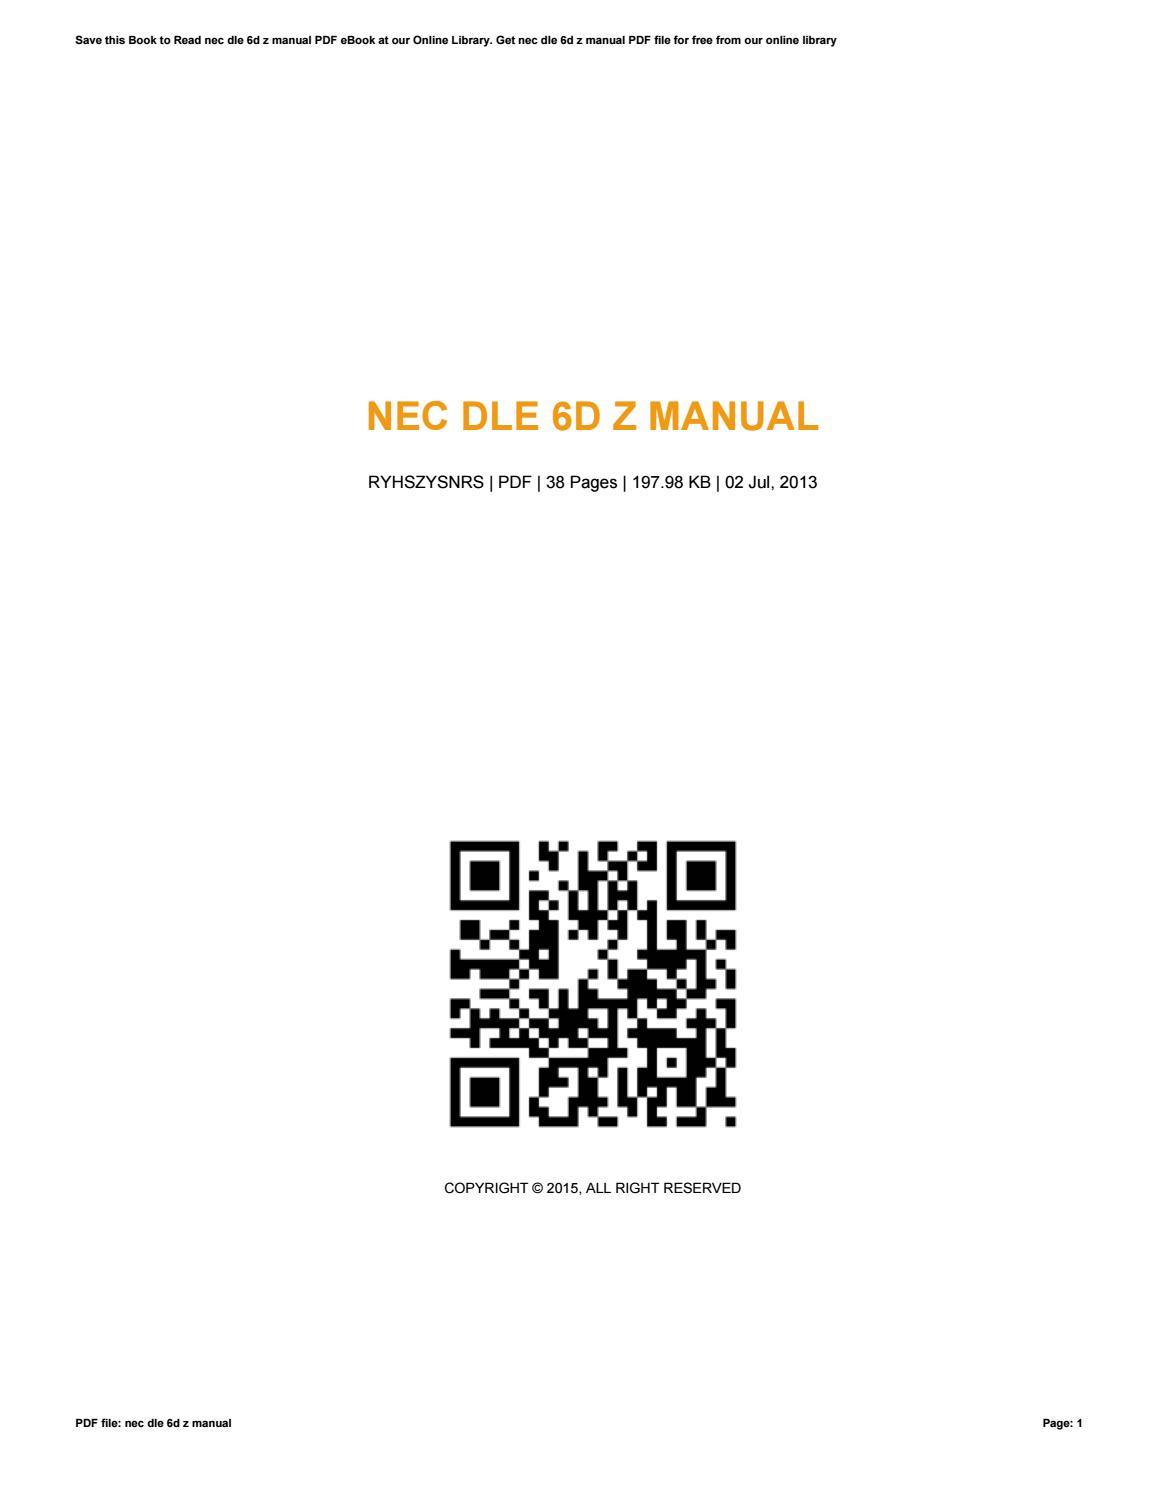 nec dlv phones manual ebook